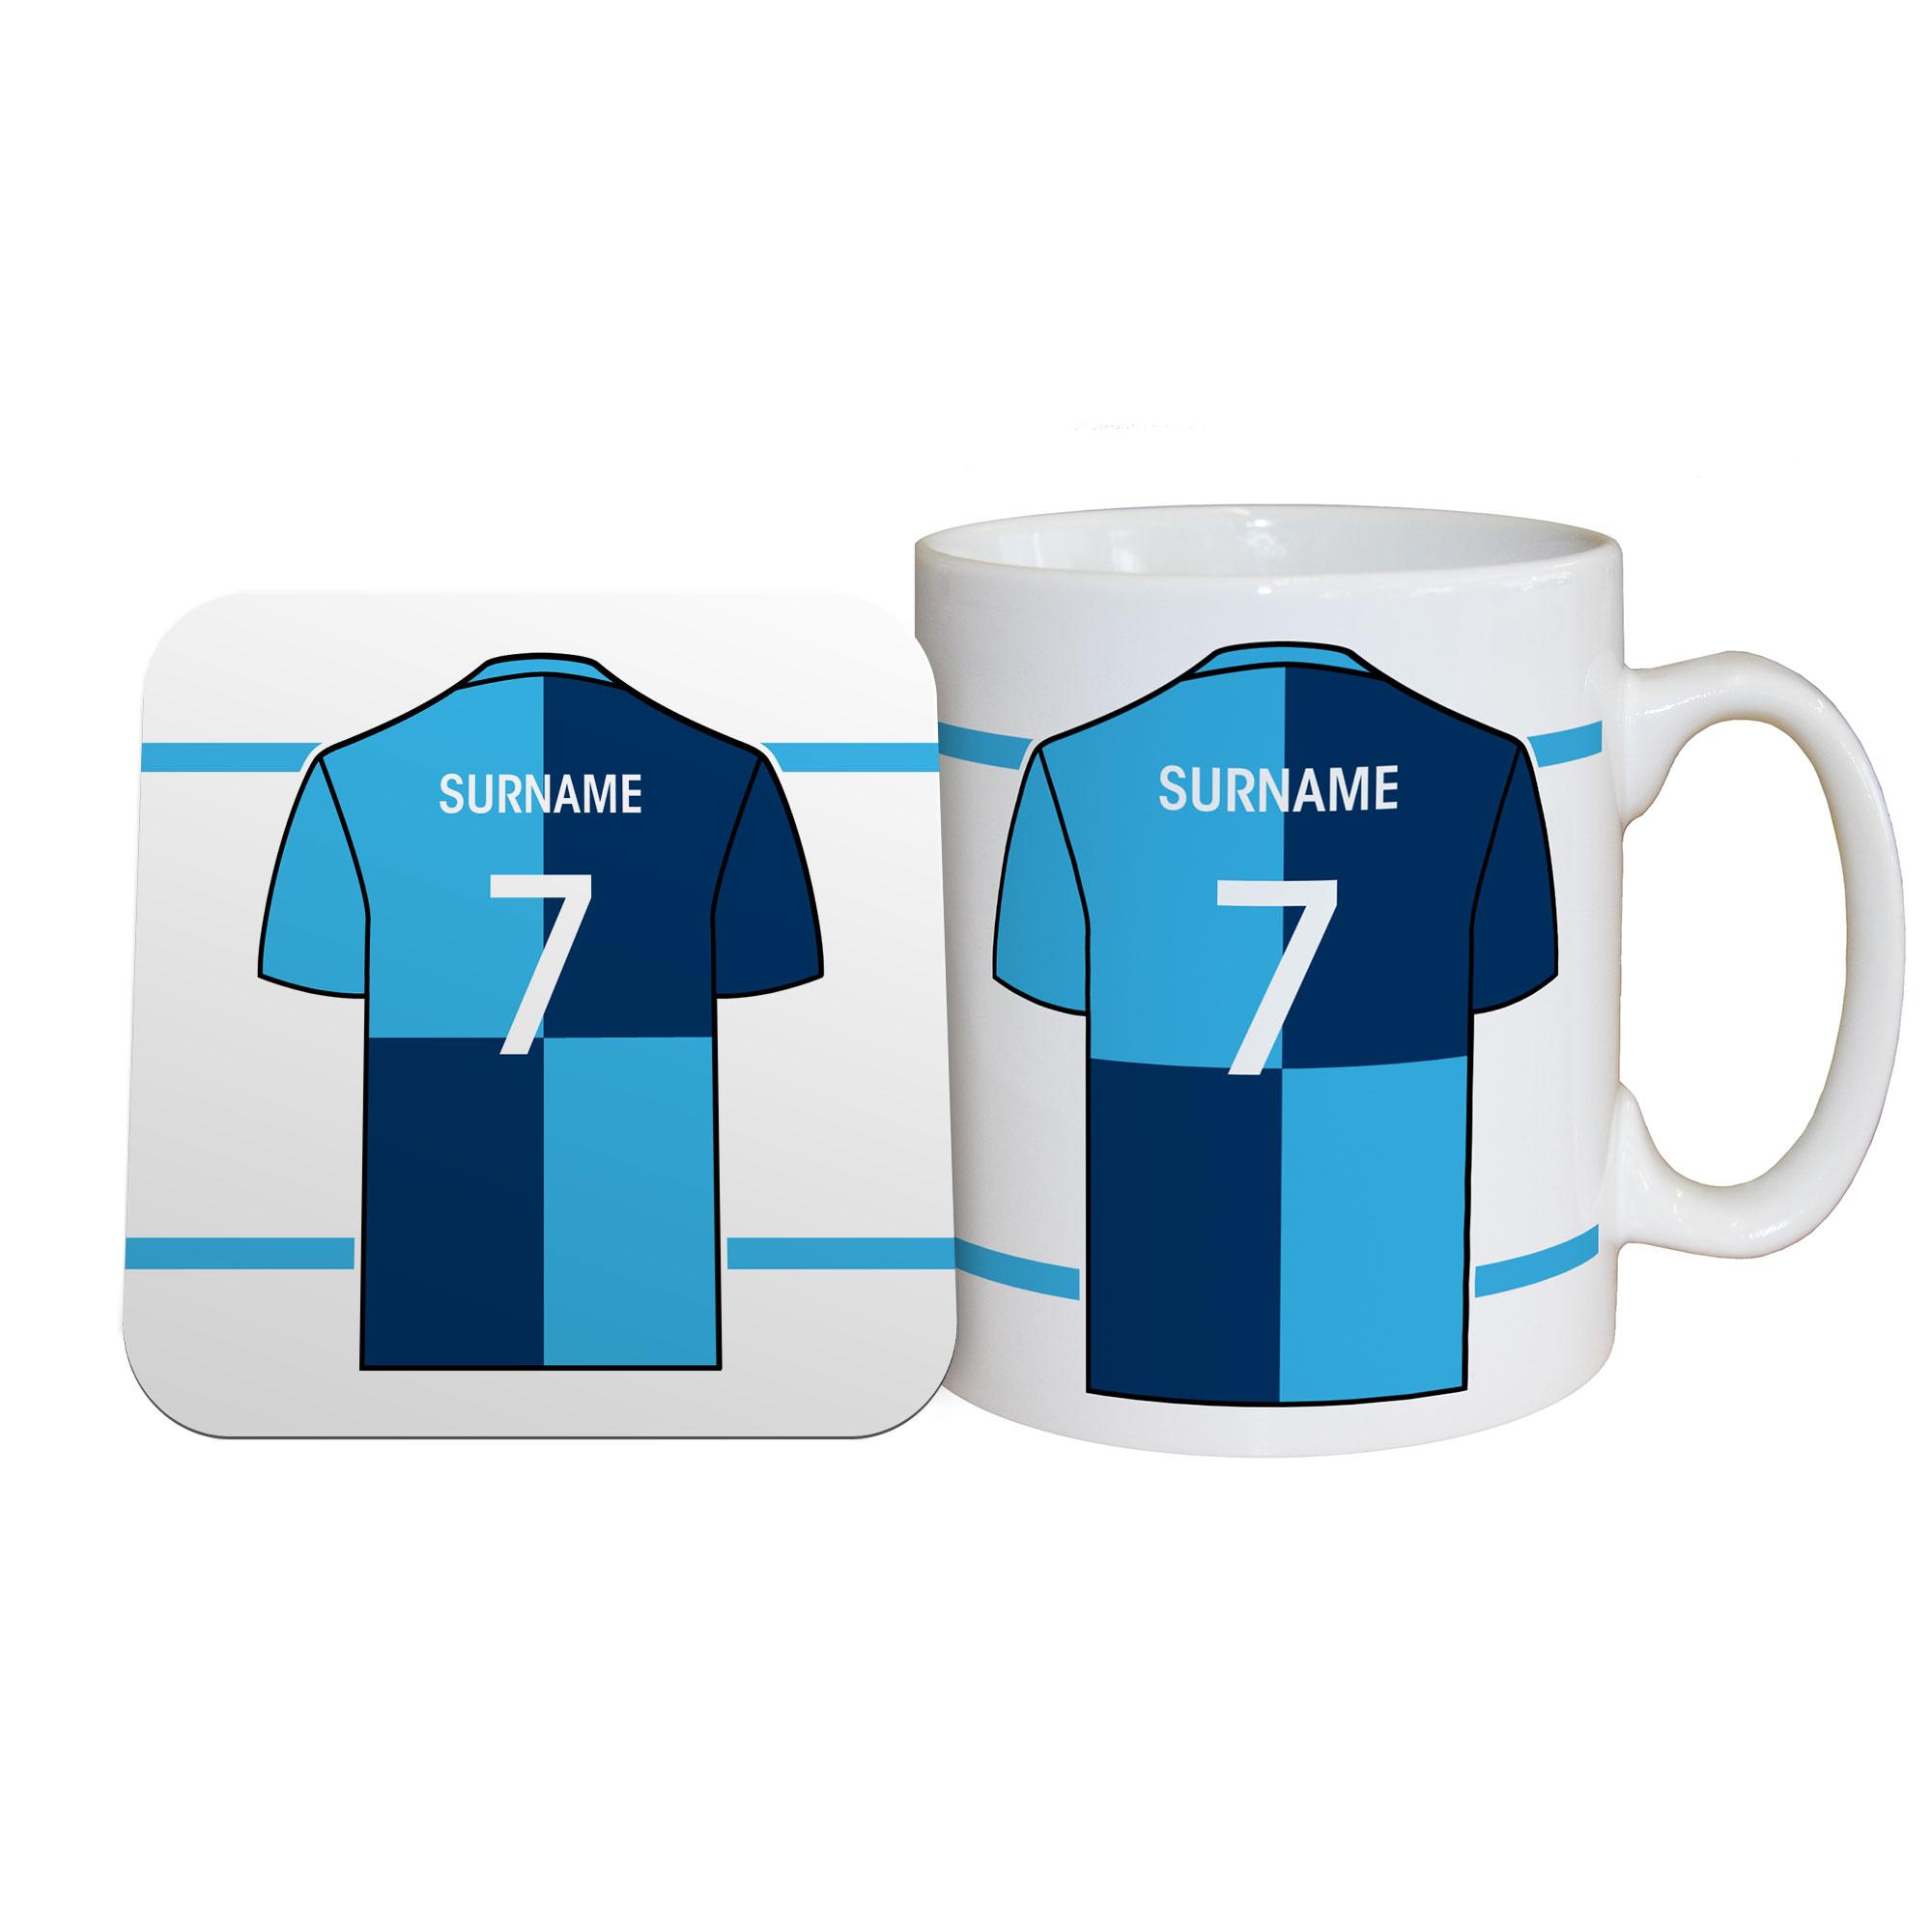 Wycombe Wanderers FC Shirt Mug & Coaster Set